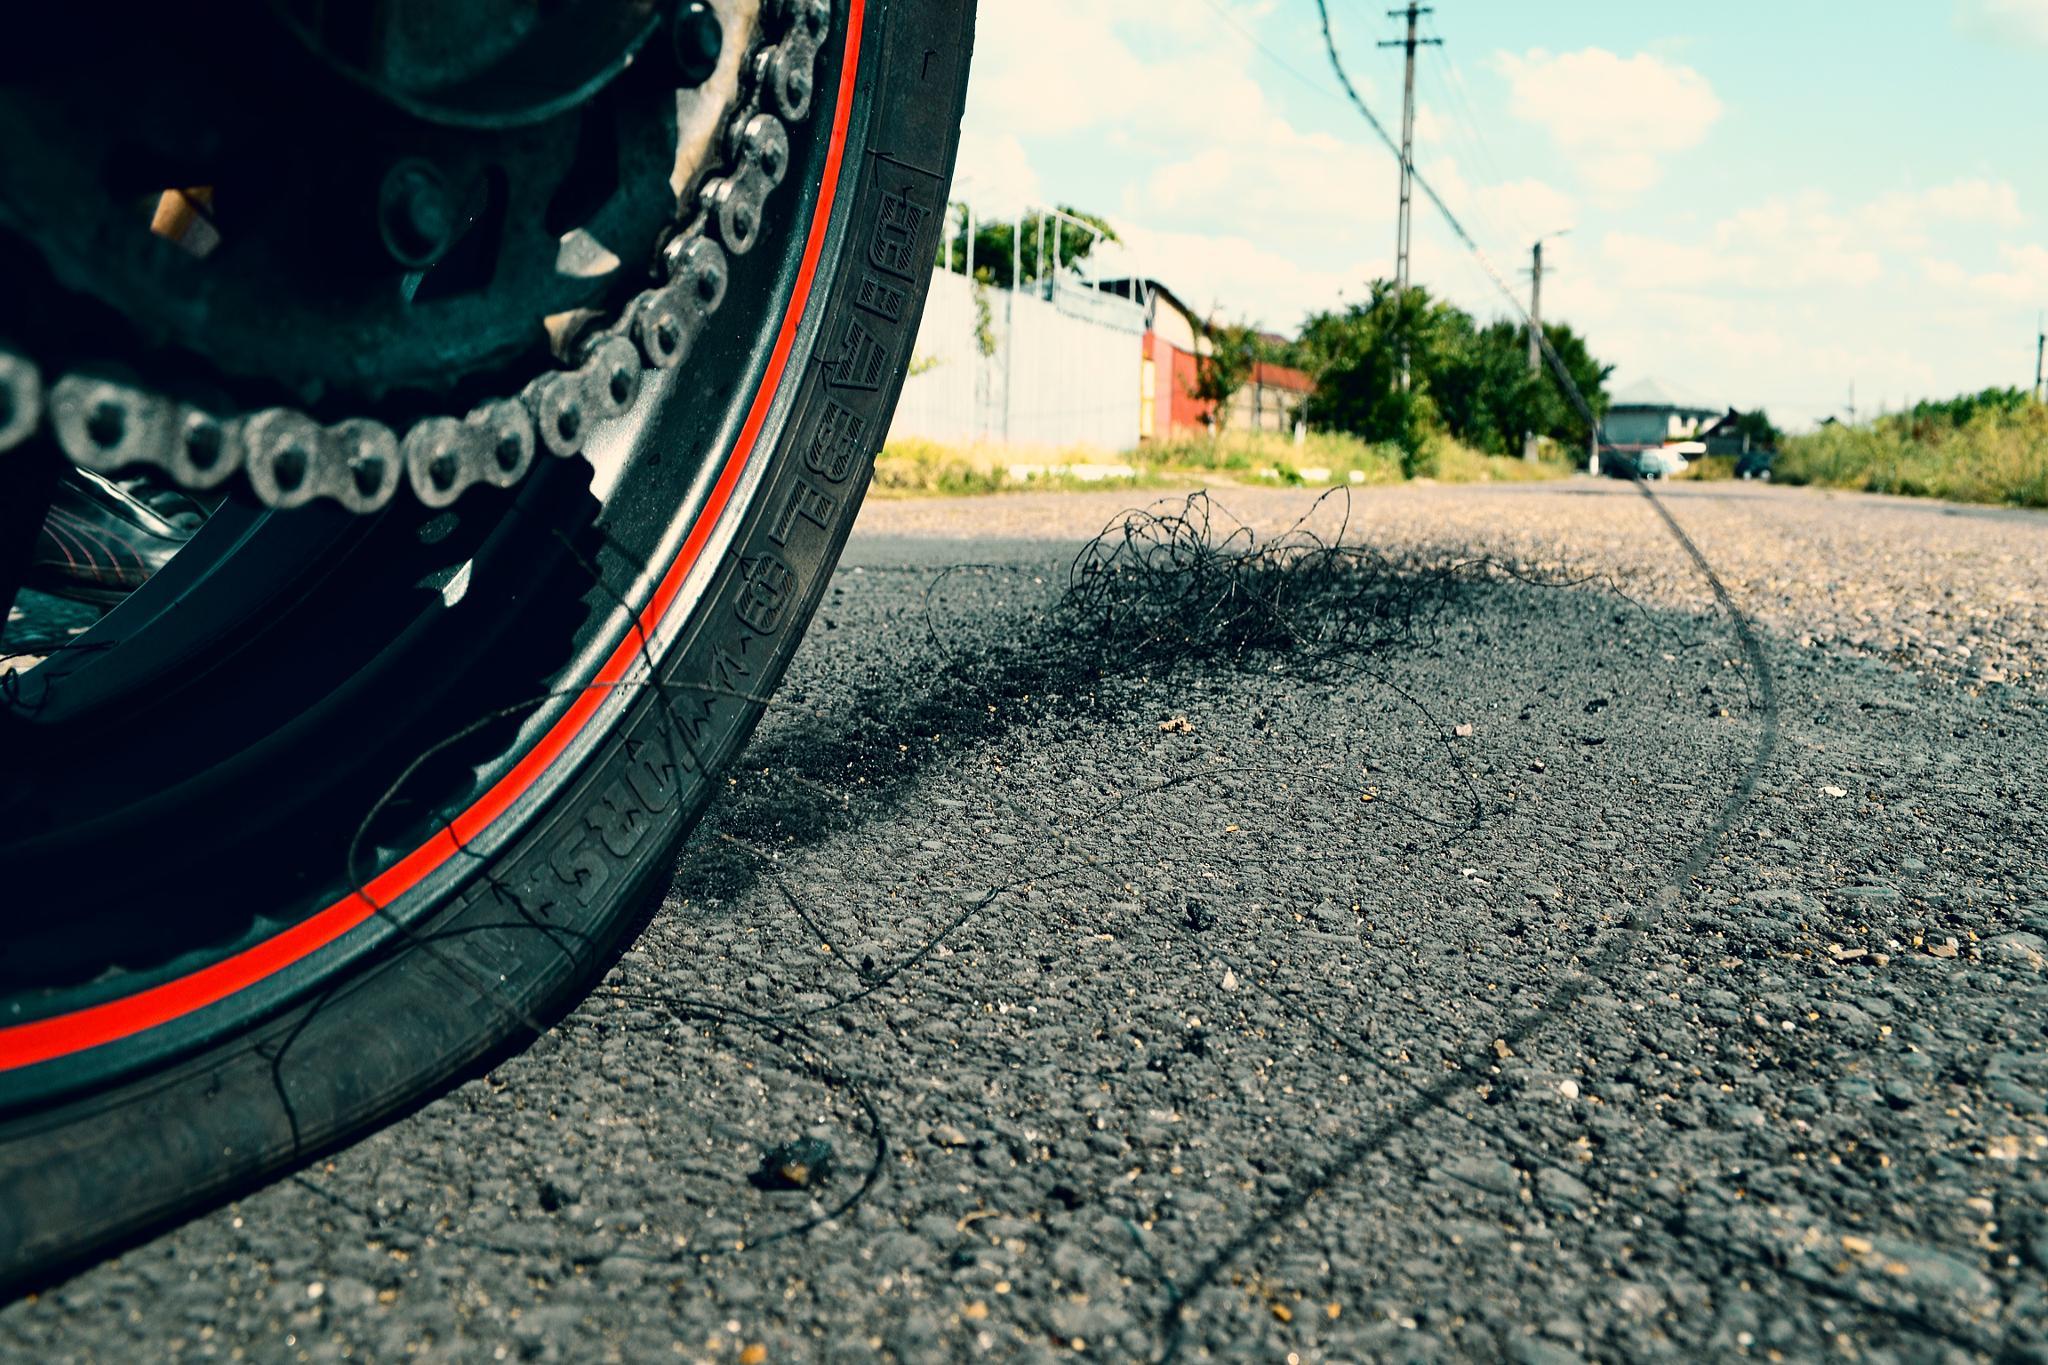 end of tire after burnout by Cernat Alexandru